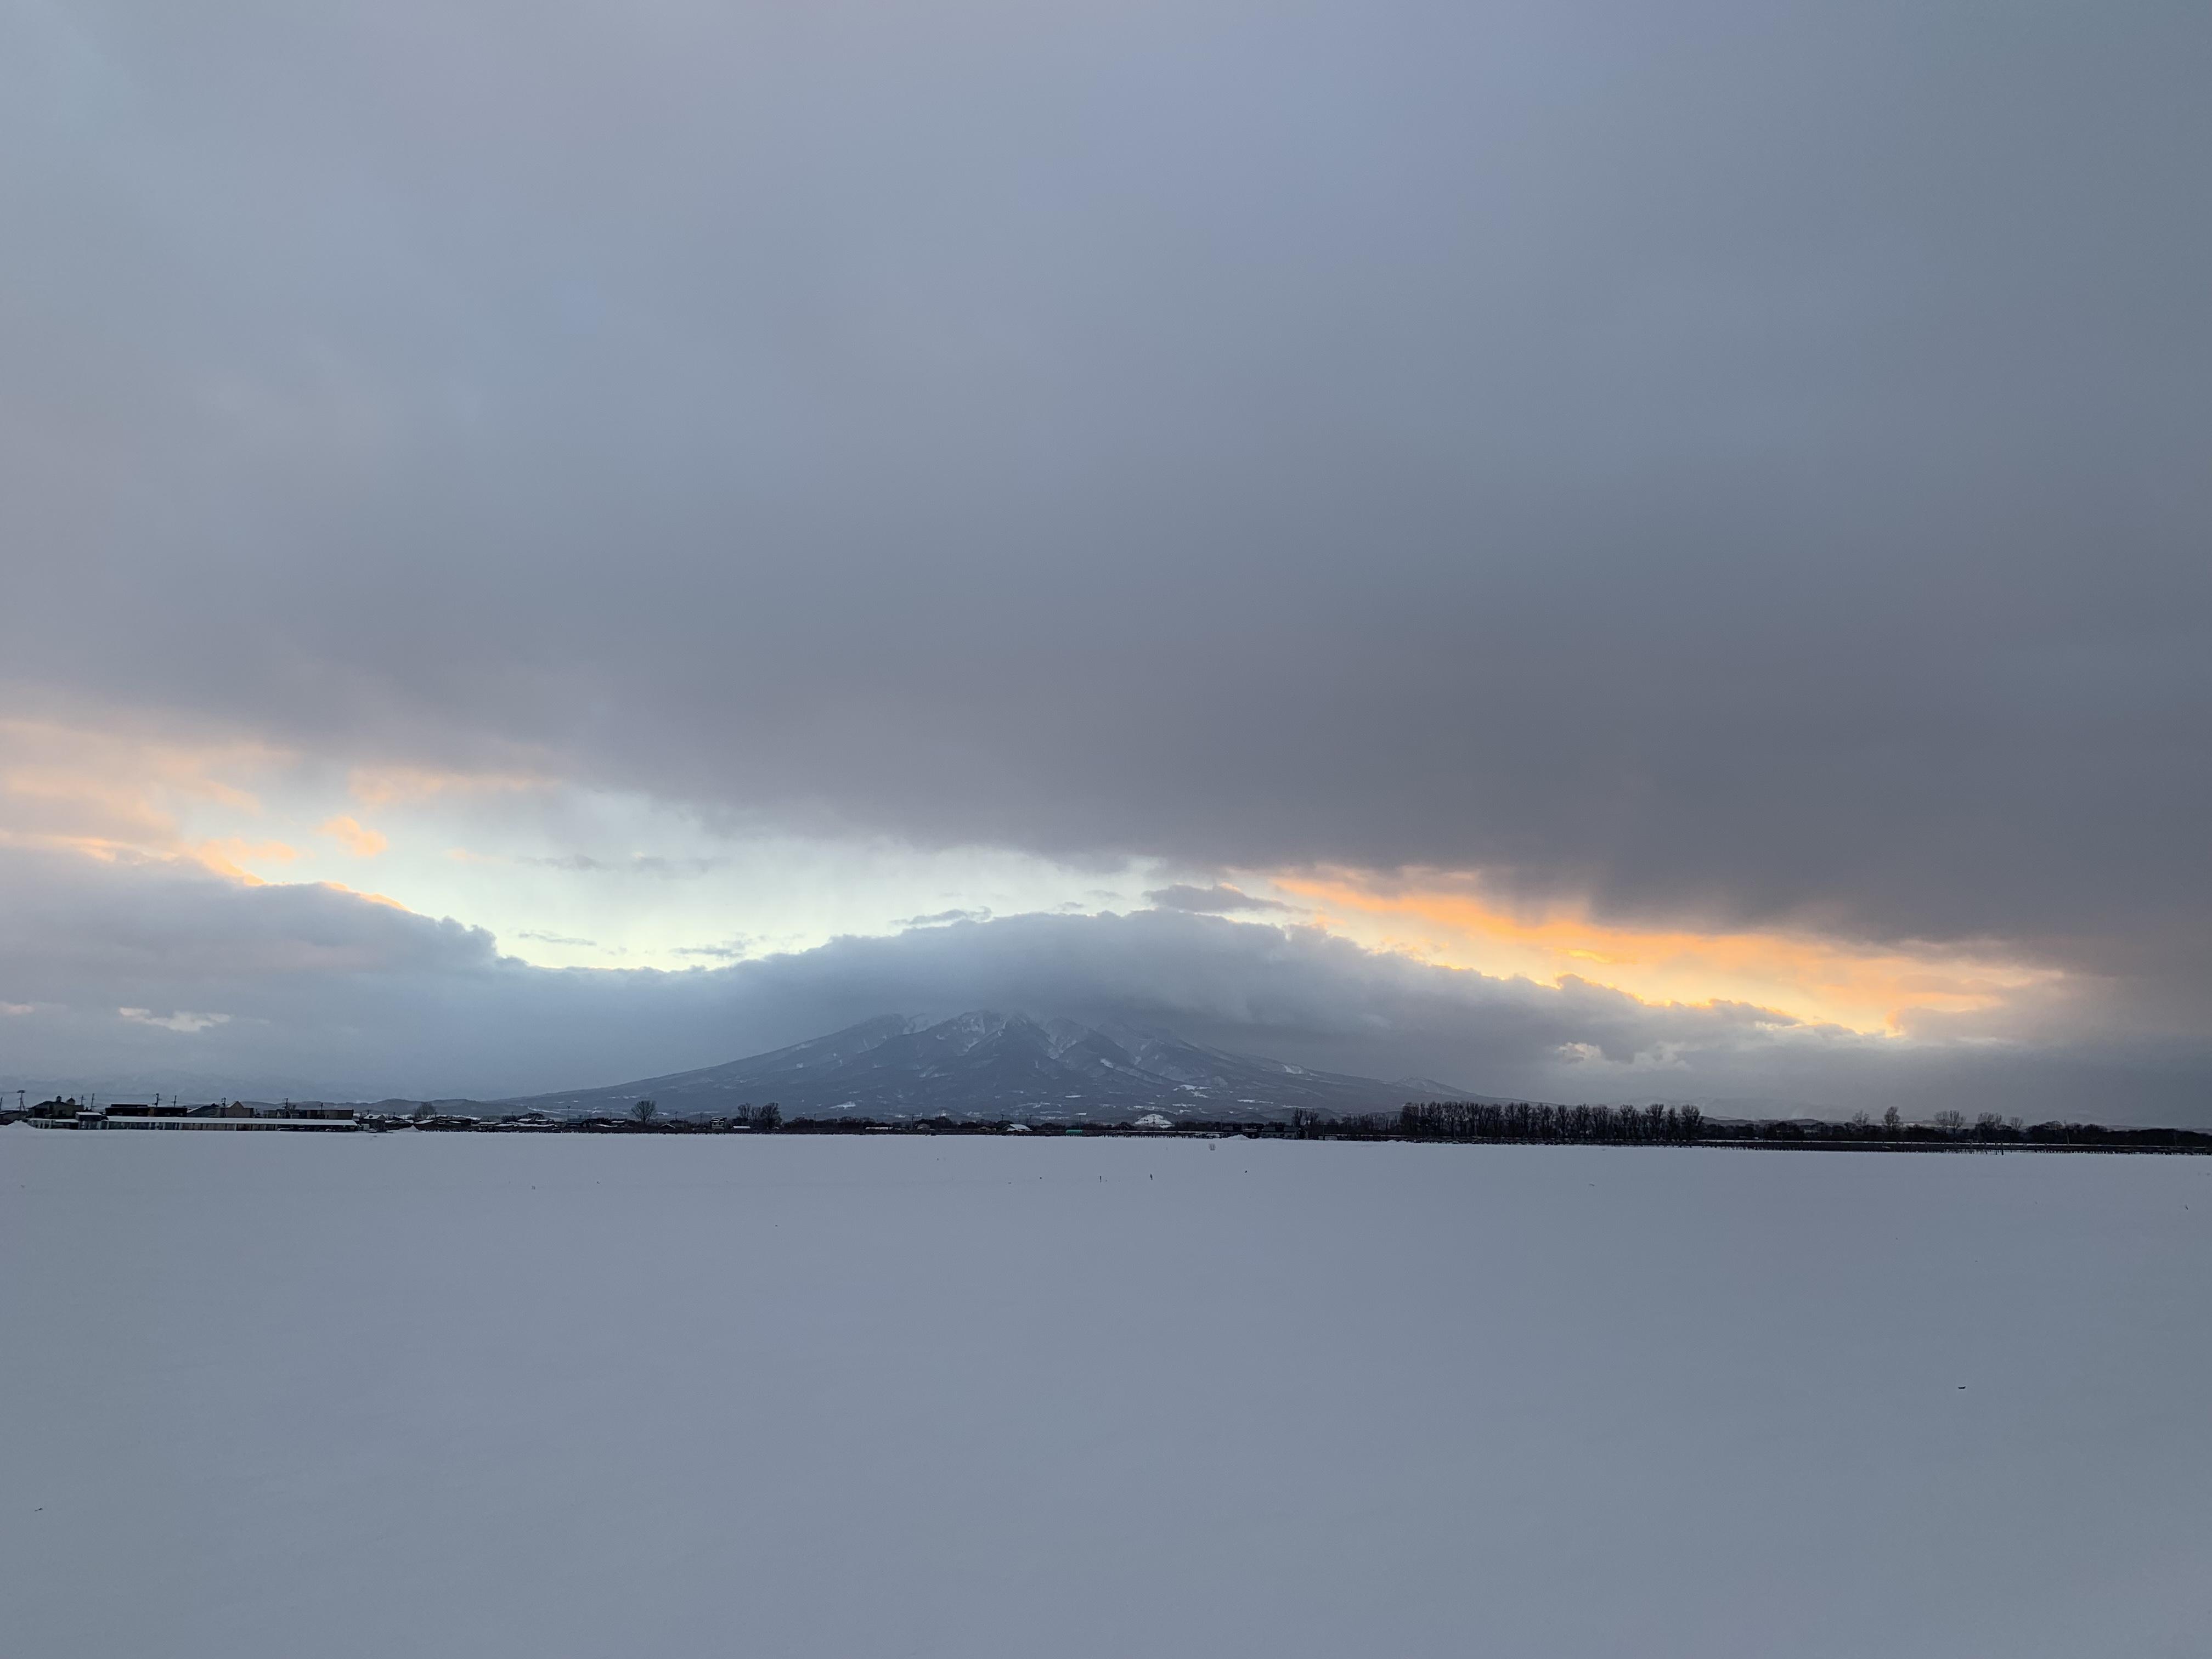 雪原と岩木山